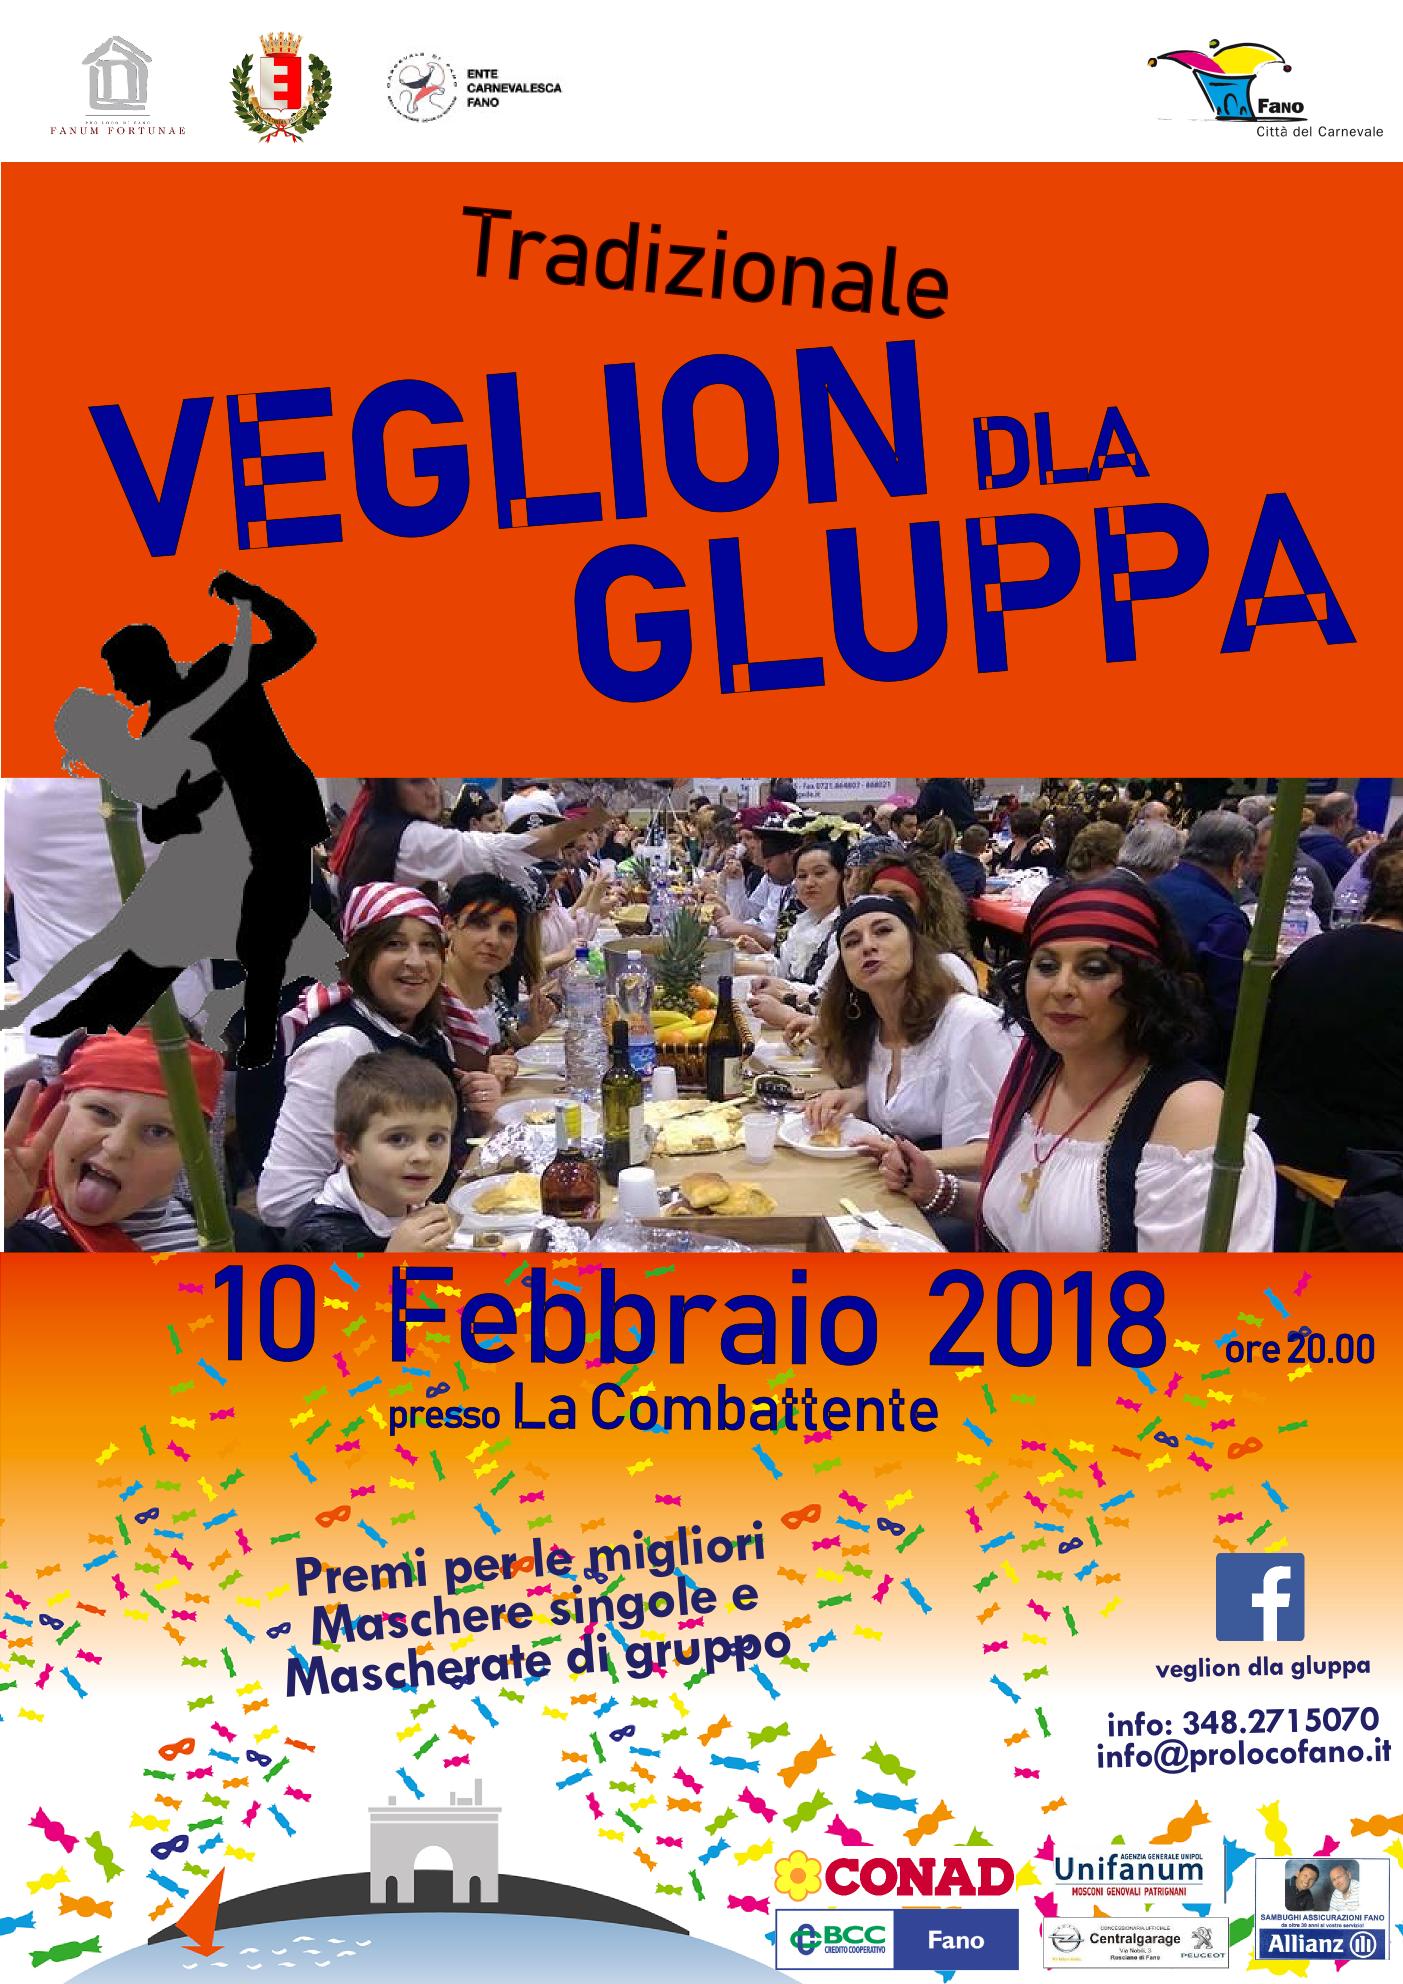 Carnevale di Fano 2018 Veglion dla gluppa